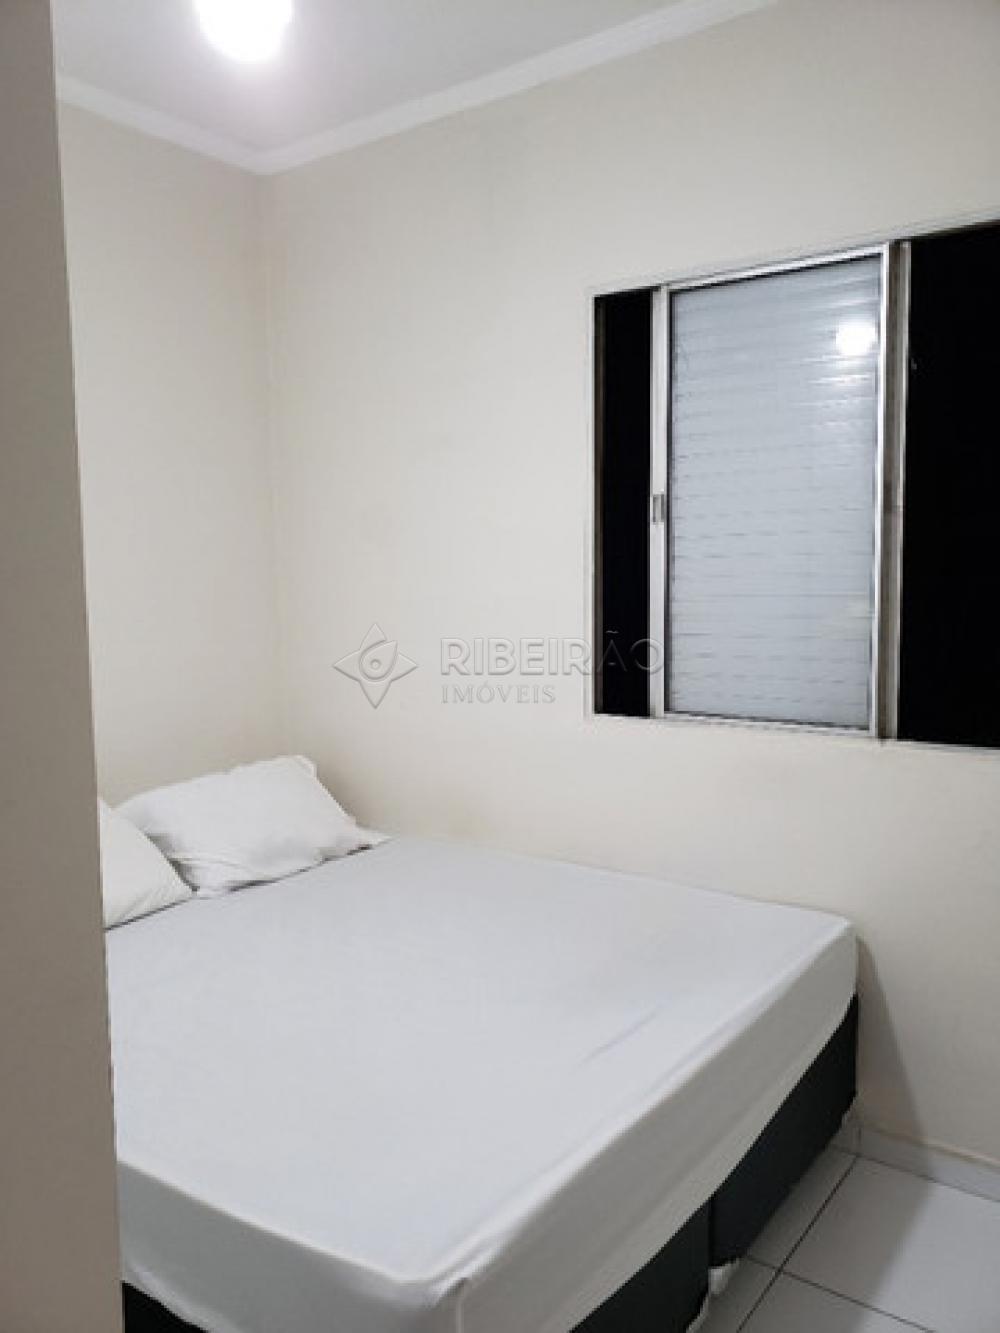 Comprar Apartamento / Padrão em Ribeirão Preto apenas R$ 141.000,00 - Foto 10